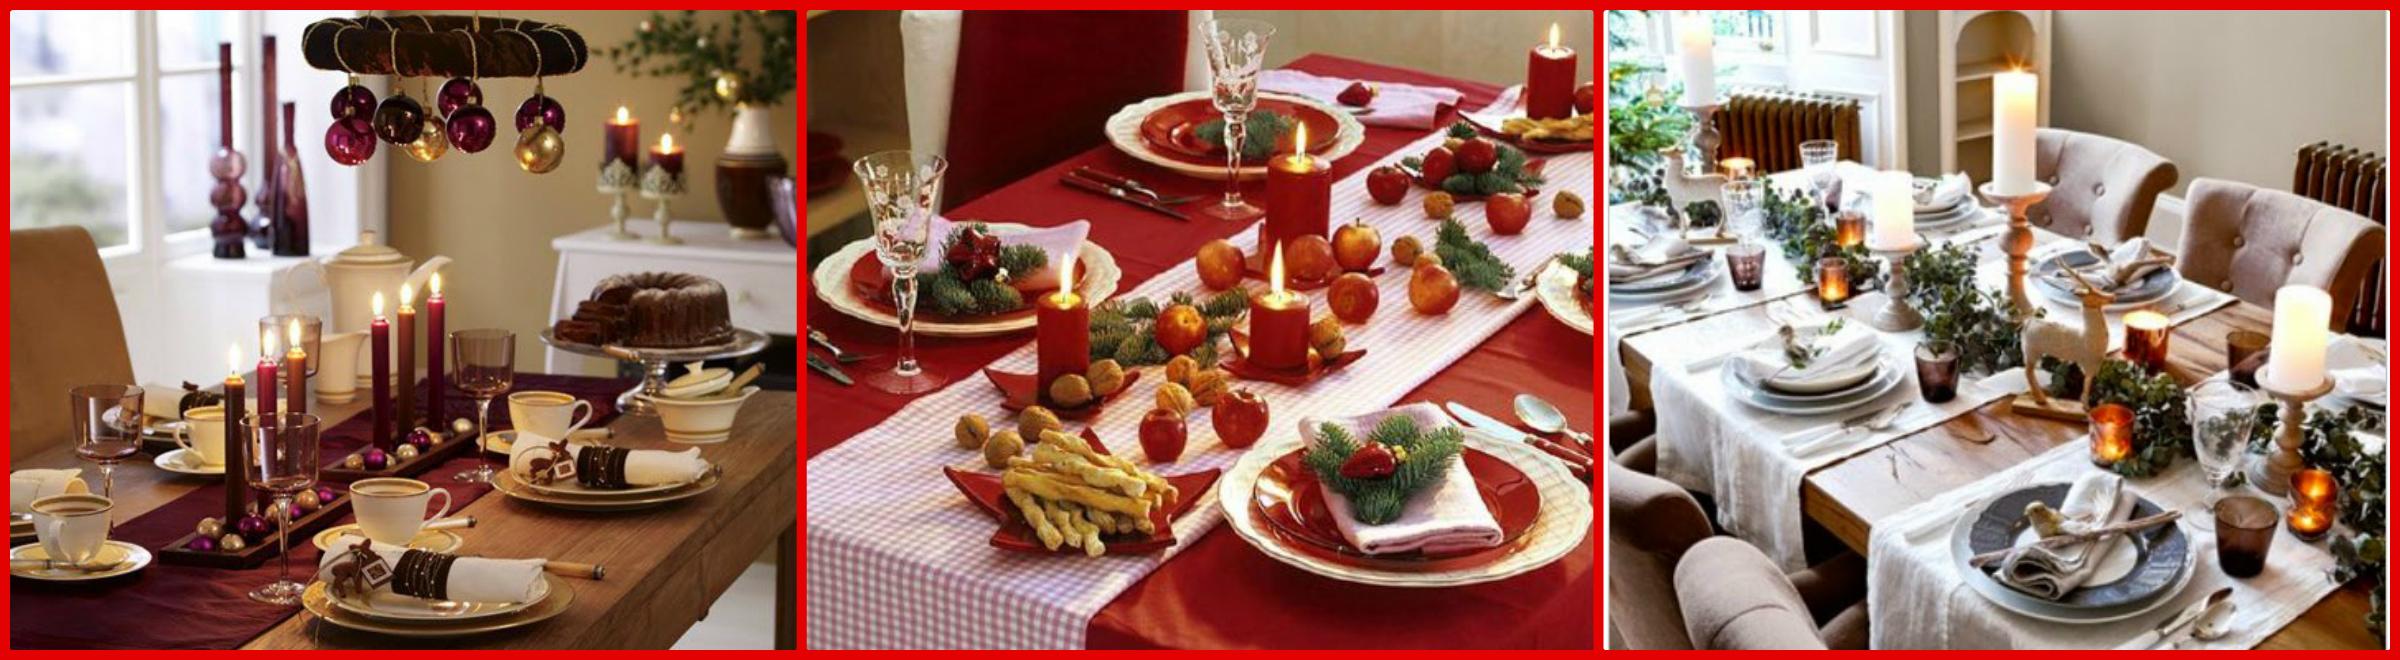 La tavola di natale idee e consigli per decorarla al meglio - Apparecchiare la tavola di natale ...